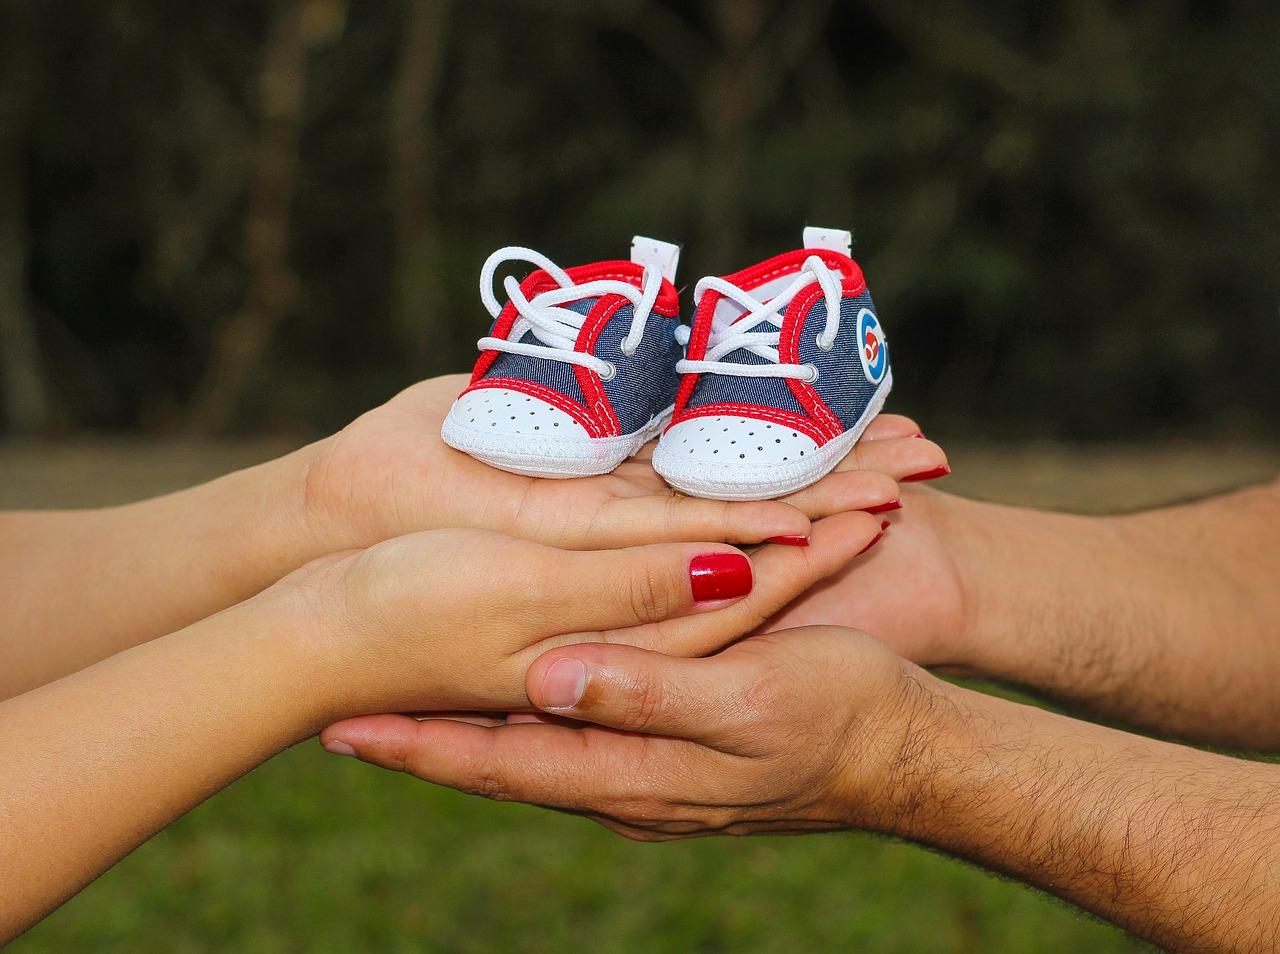 【妊娠初期】仕事が忙しくても…気を付けて!職場環境、注意したい点